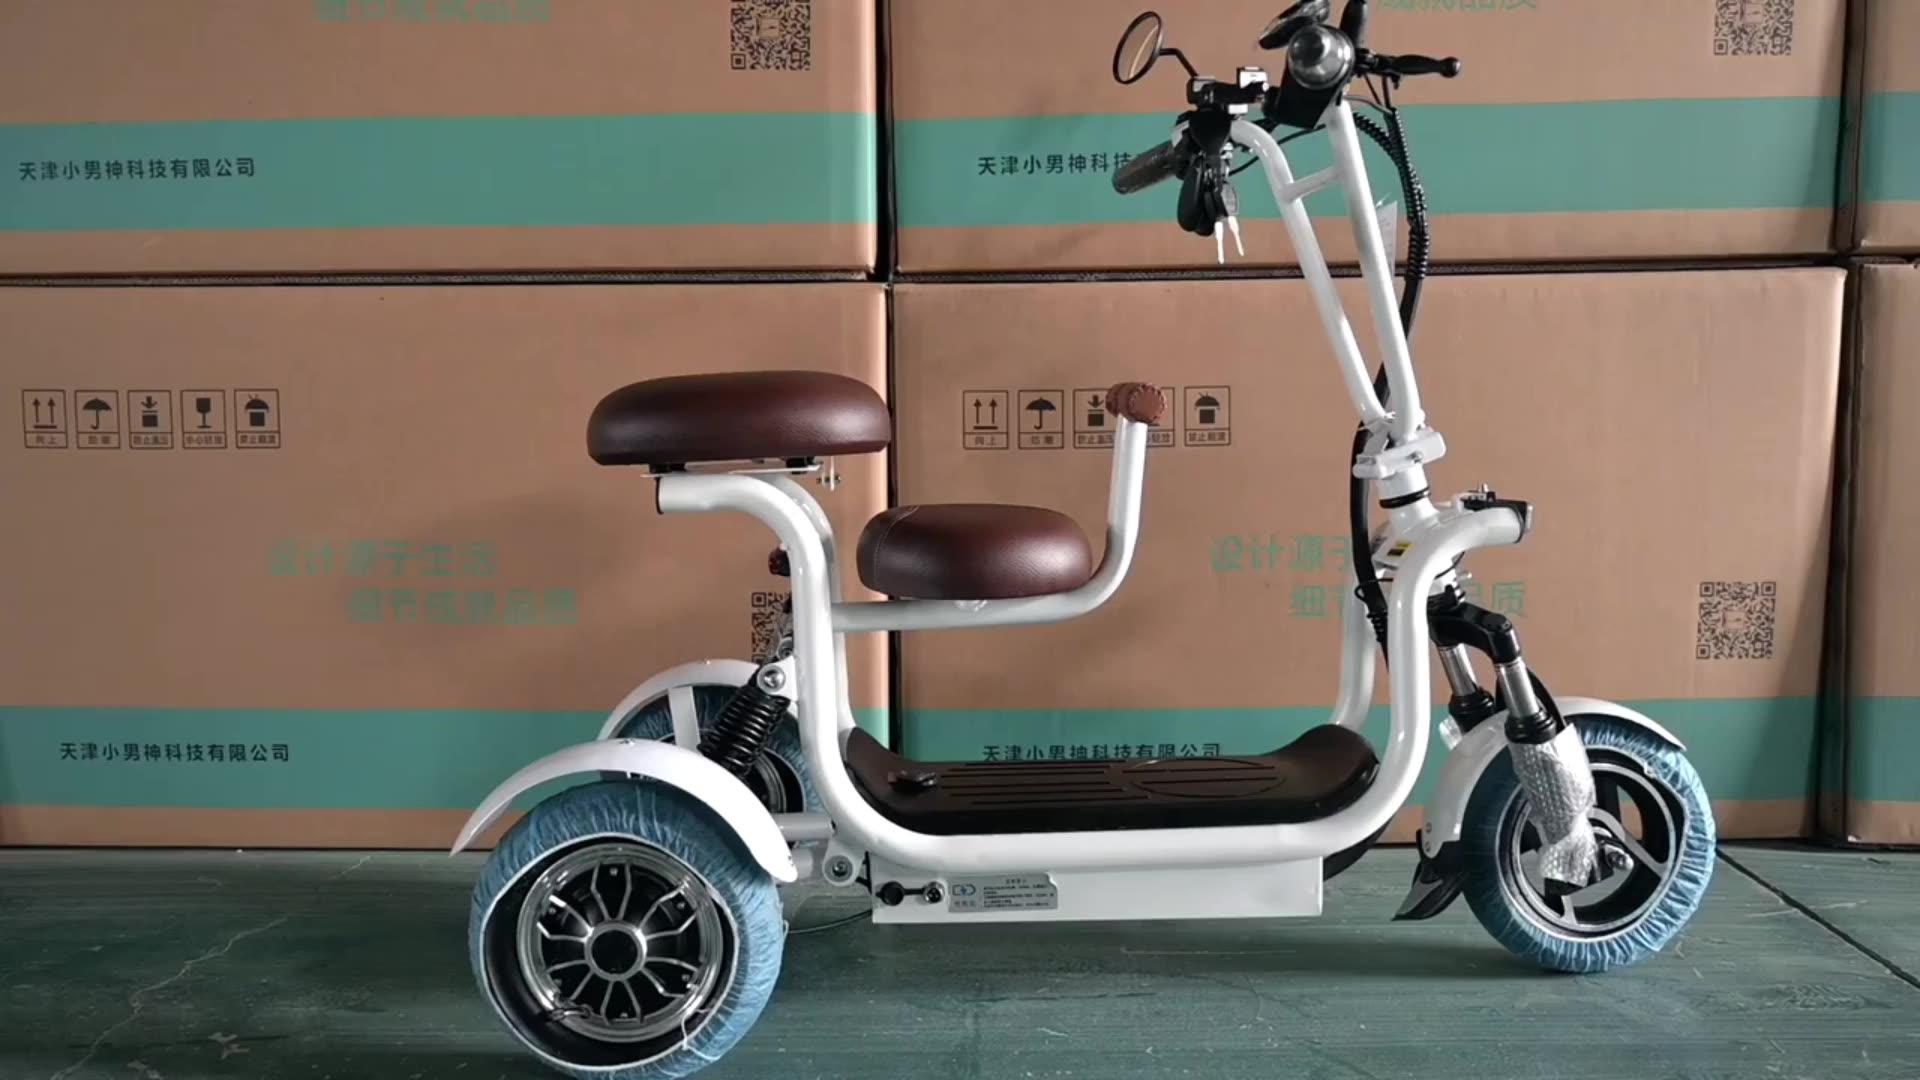 3 rad E Bike Kleine für Ältere Fahrrad Batterie 3 Roller für Erwachsene elektrische dreiräder